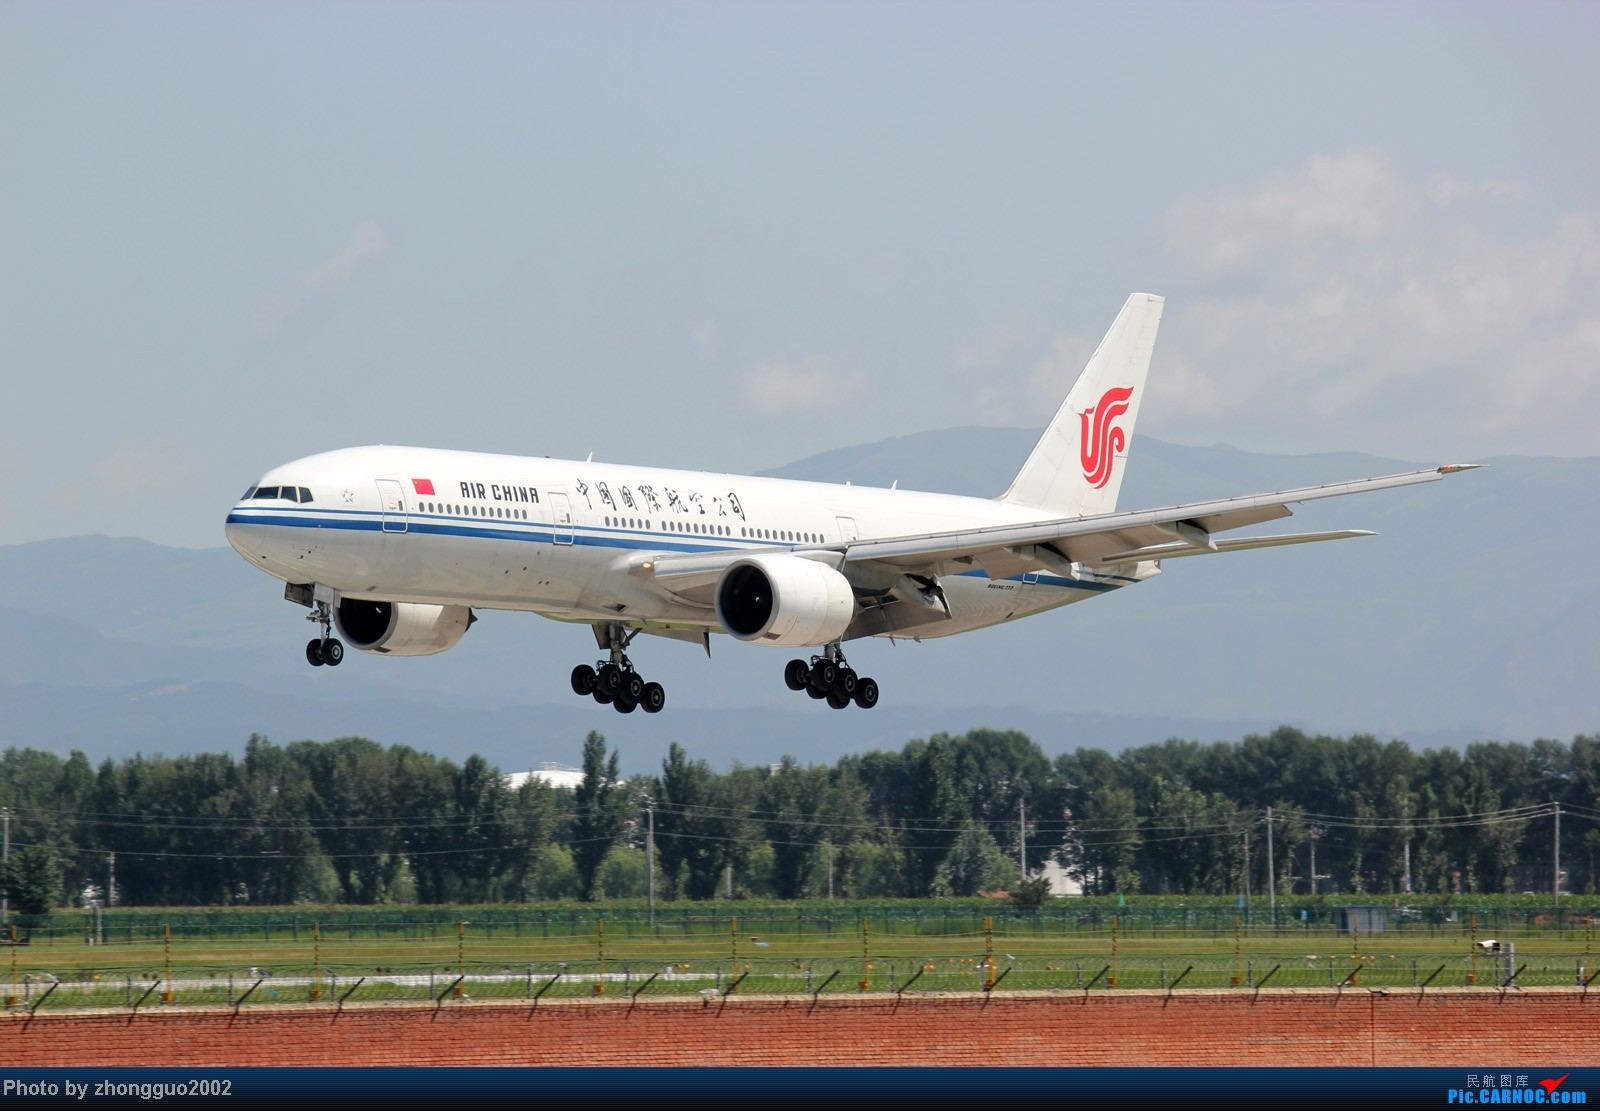 Re:[原创]东航的新邮戳321,世博彩绘机,南航、瑞丽、河北、深圳航空的新飞机,香港航空、长荣航空、远东、韩国济州航空的飞机,国航772,大大小小一堆飞机!!!! BOEING 777-200 B-2066 中国呼和浩特白塔机场